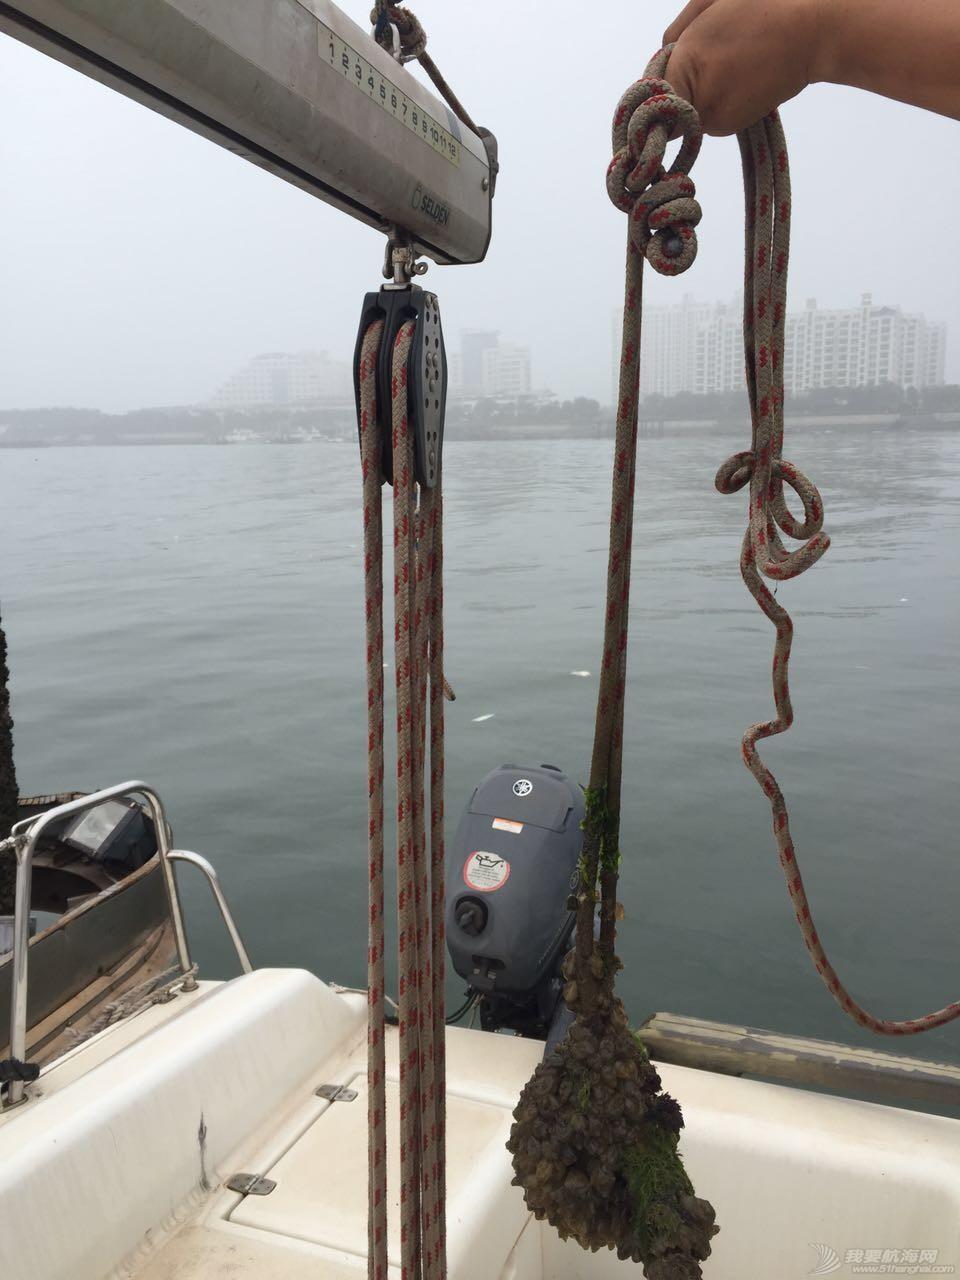 志愿者,帆船,日记,日照 【公益航海志愿者日记@日照】Day14-渔人节快乐,所有船的内舱清理工作全部完成 7号主帆缭绳2.jpg